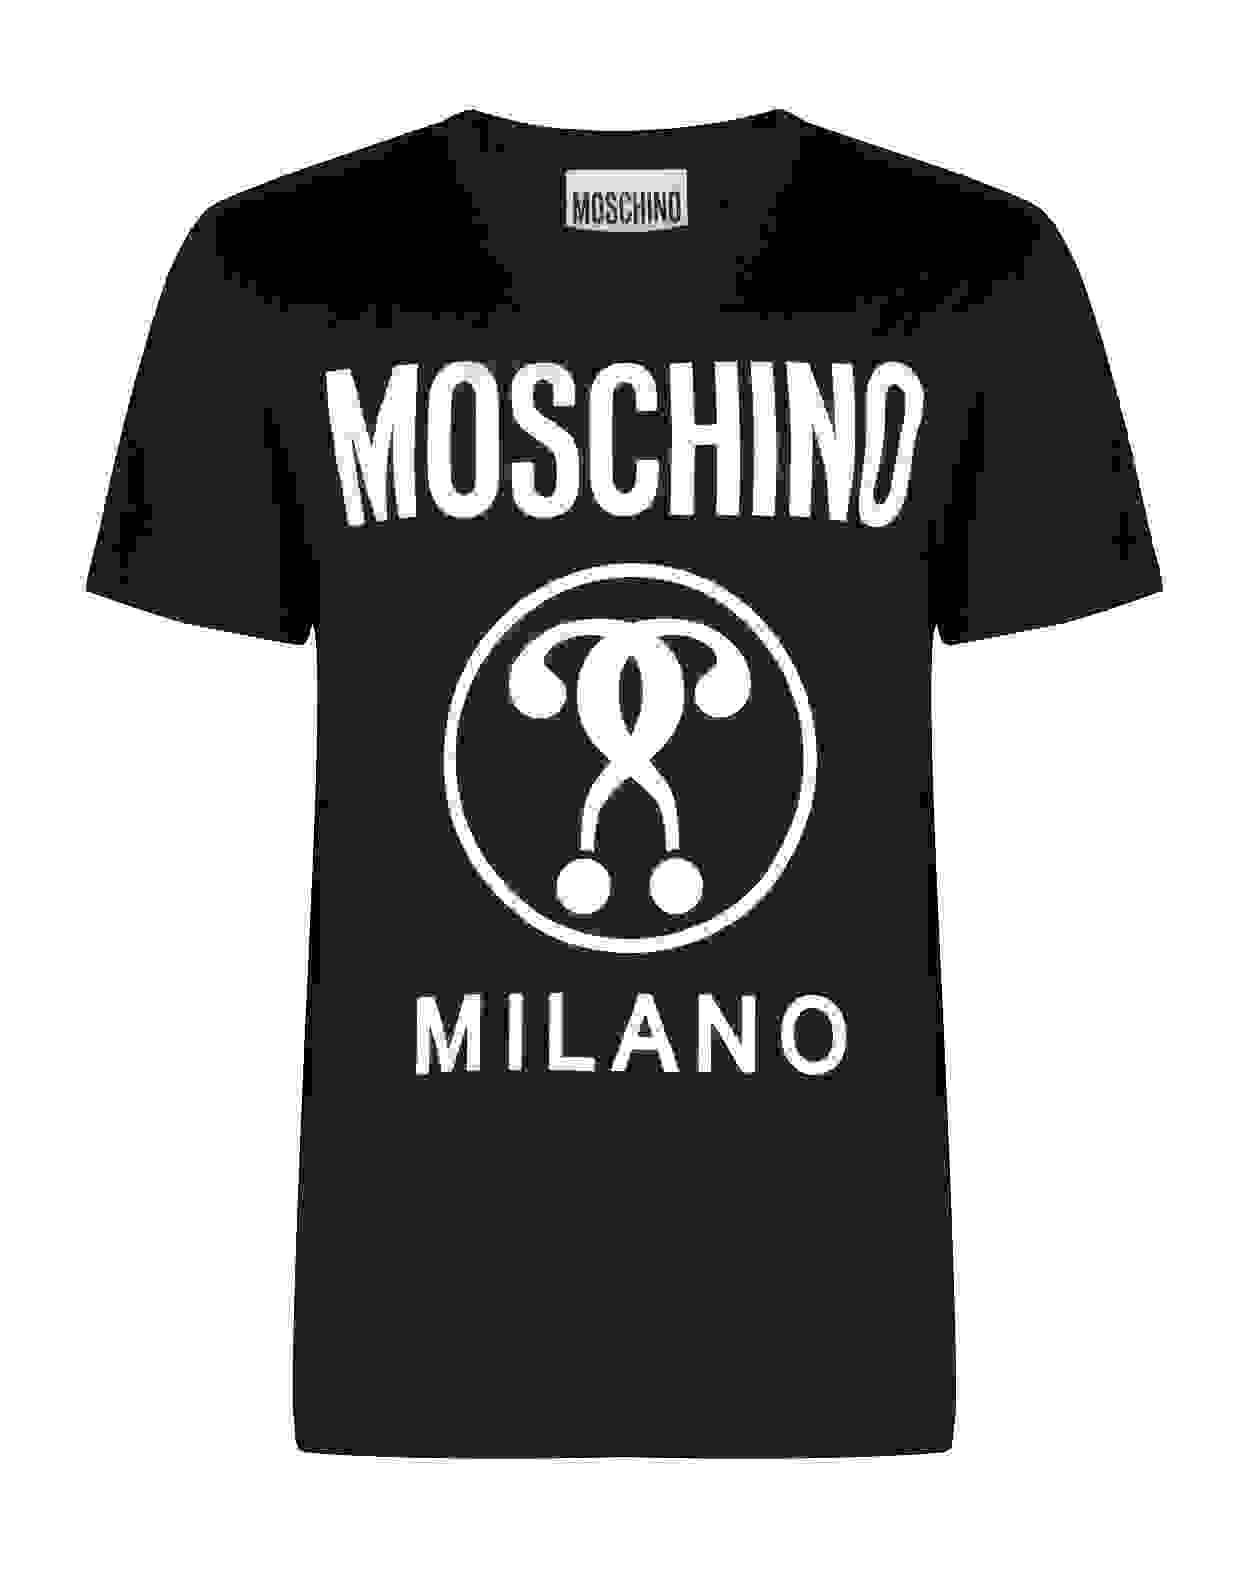 Moschino T-Shirt Milano Bianca